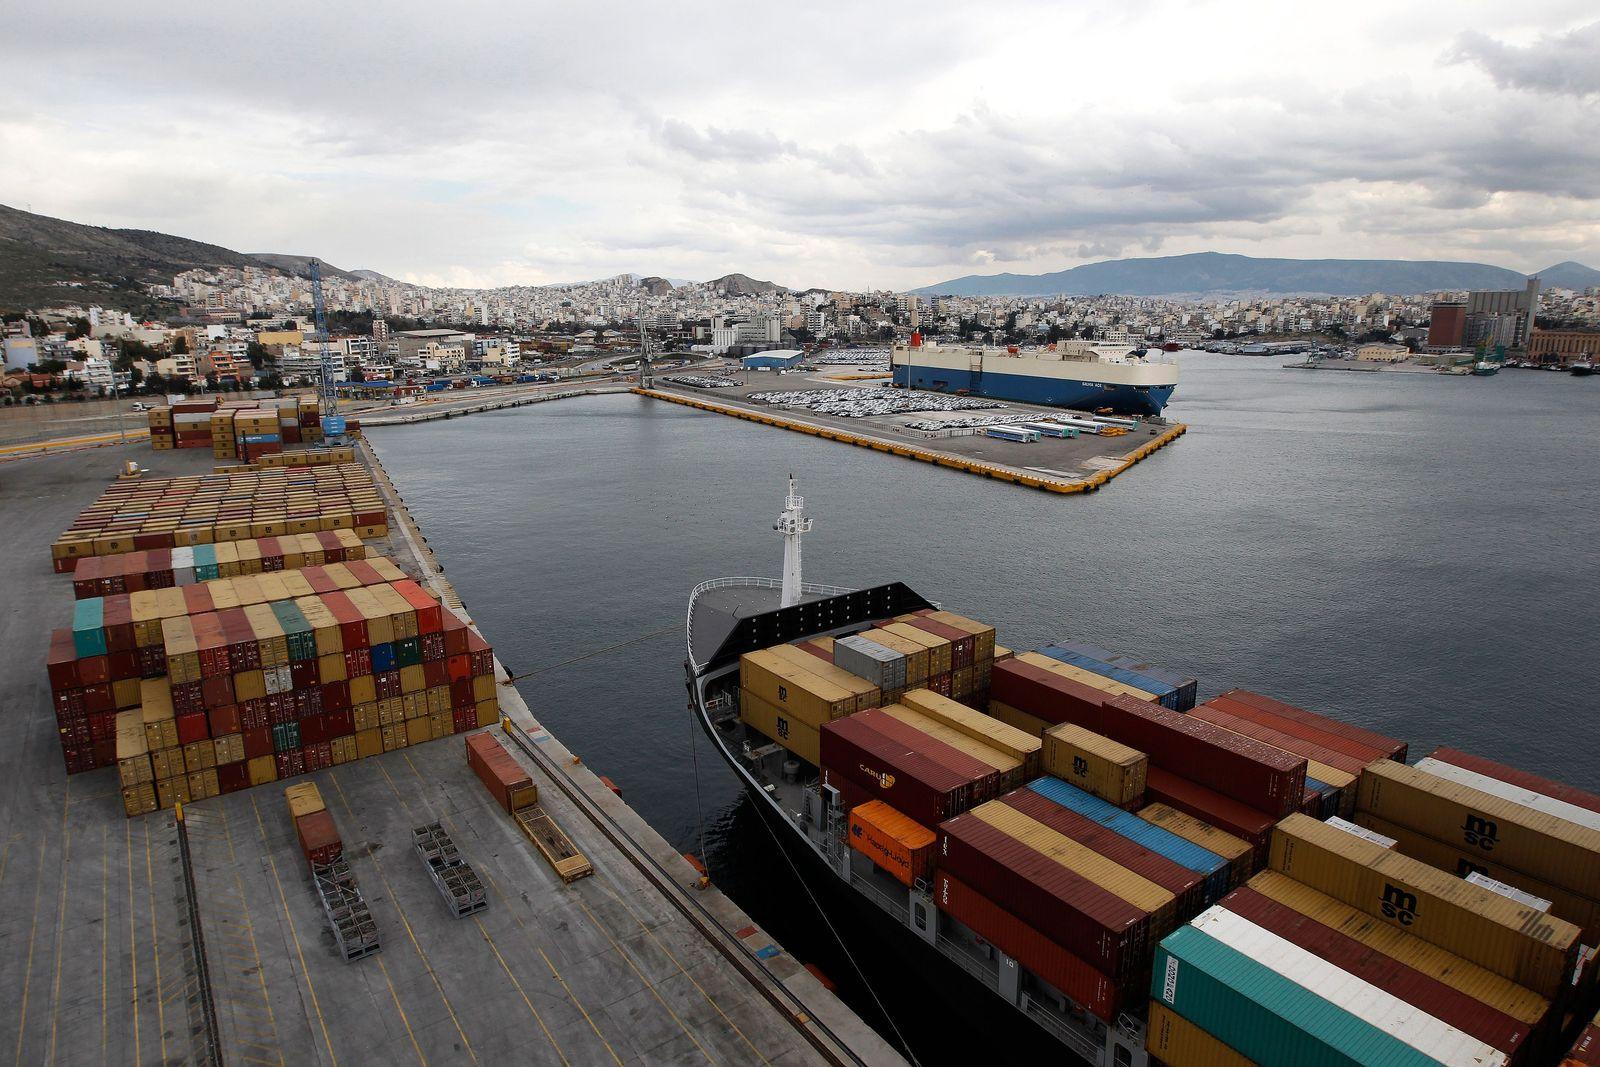 Griechenland / Konjunktur / Export / Container / Finanzkrise / Ifo Wirtschaftsklima